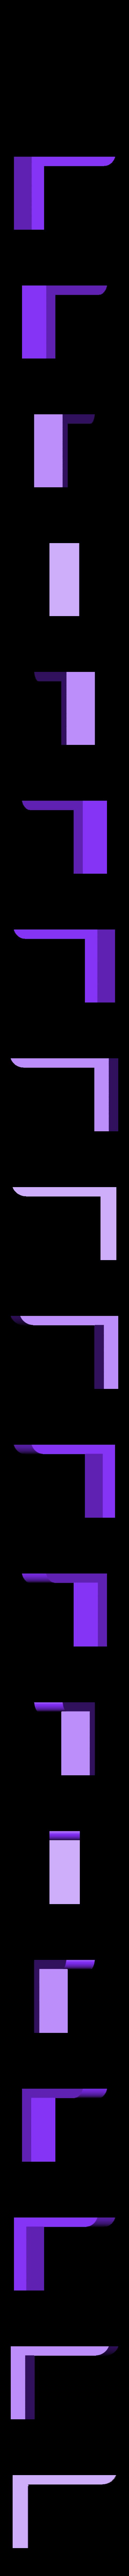 spong_holder_part4.stl Télécharger fichier STL gratuit à la planche pour l'éponge et les marqueurs • Plan à imprimer en 3D, mariospeed